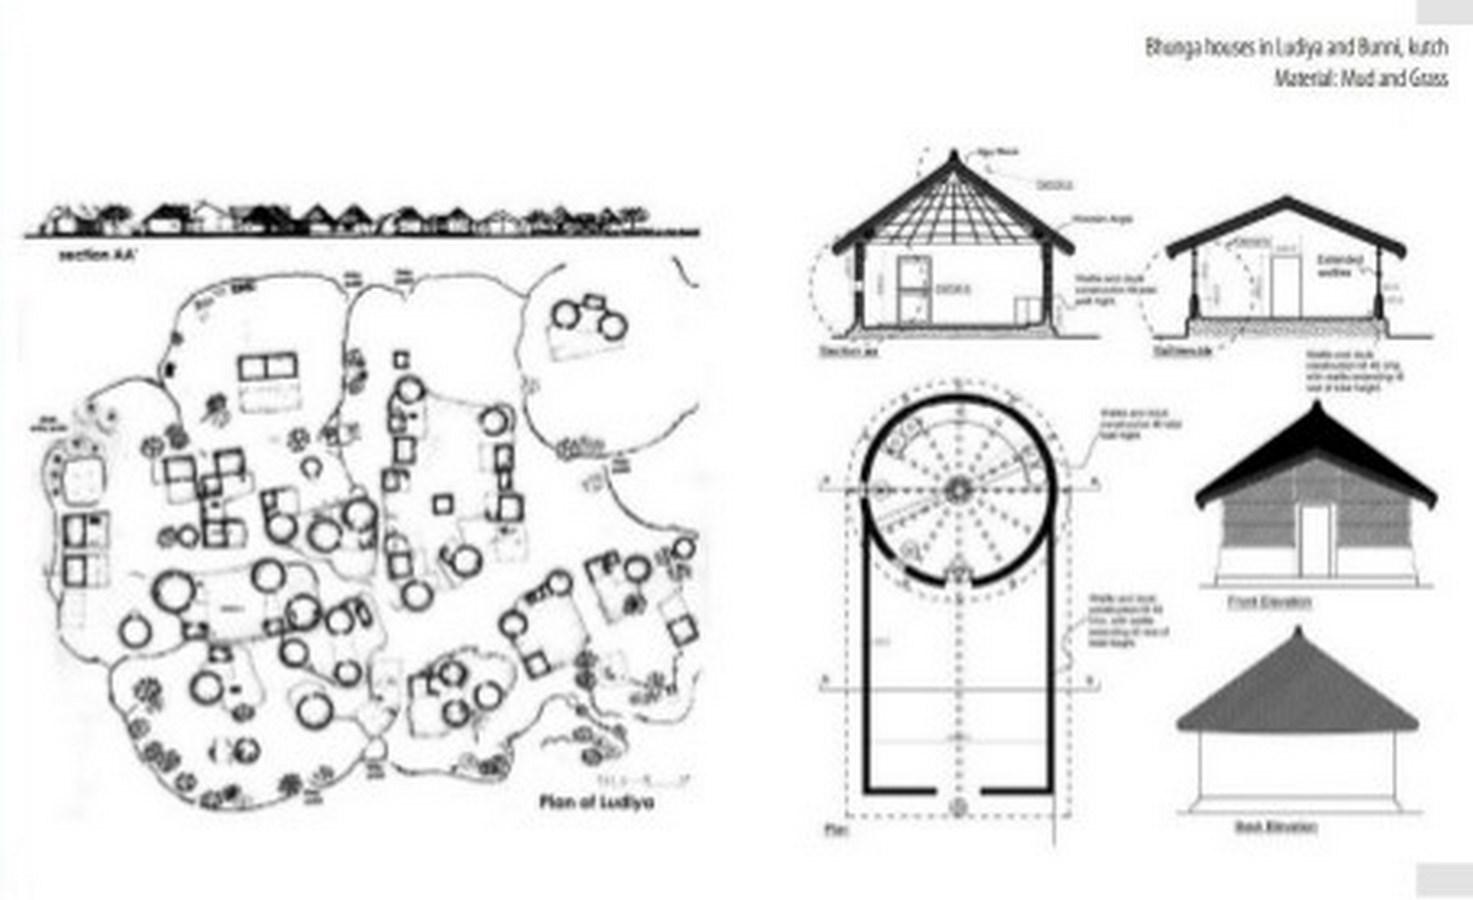 A contextual approach to design - Sheet1